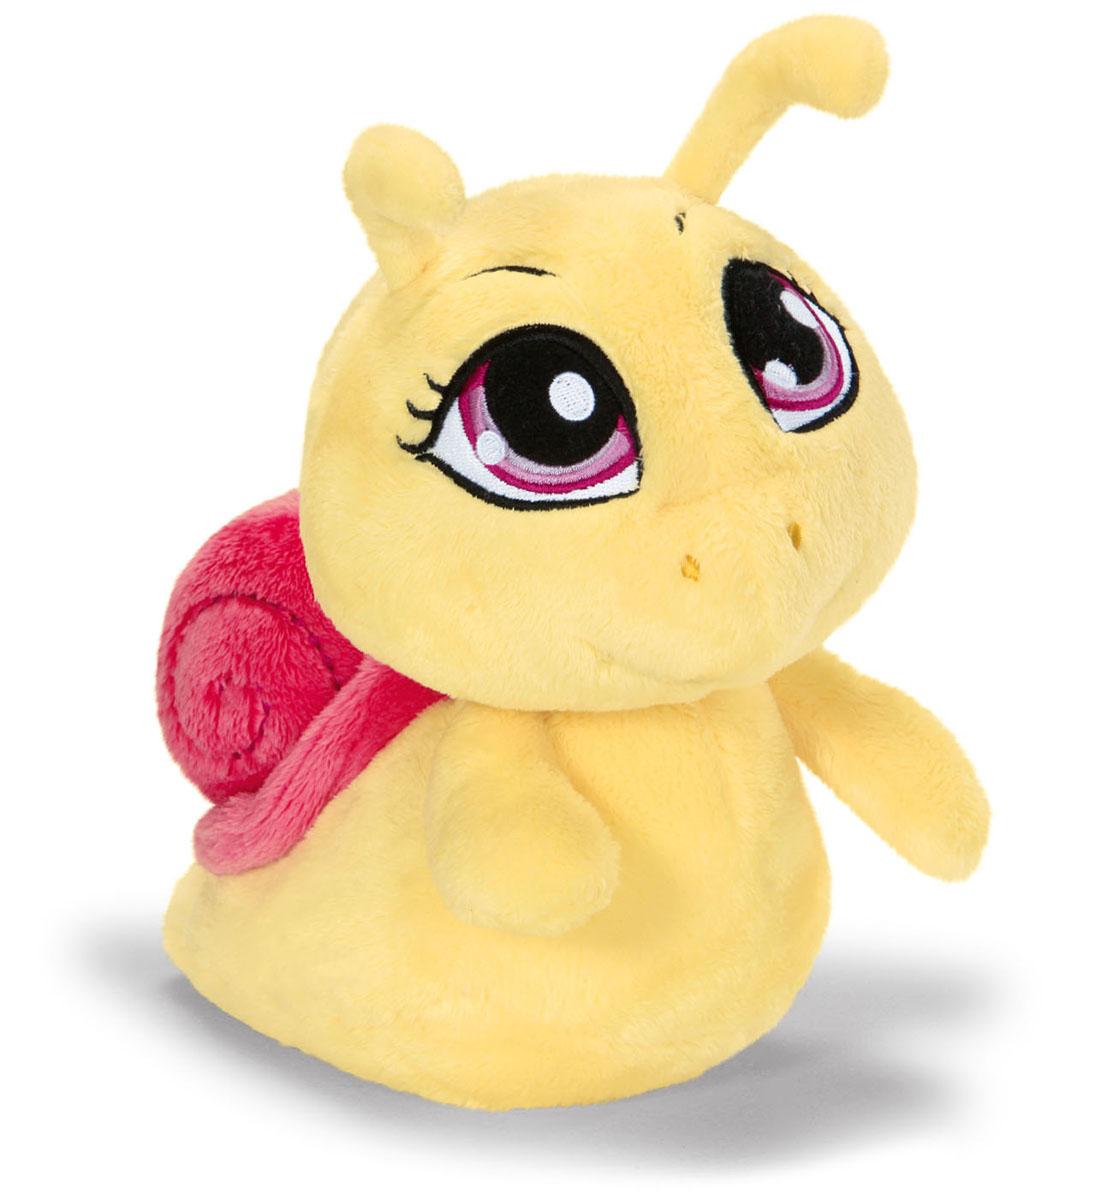 Мягкая игрушка Nici Улитка, цвет: желтый, 25 см36447Симпатичная мягкая игрушка Улитка не оставит вас равнодушным и вызовет улыбку у каждого, кто ее увидит. Удивительно мягкая игрушка изготовлена из высококачественного текстильного материала с набивкой из синтепона и пластиковых гранул. Глазки у улитки вышитые. Оригинальный стиль и великолепное качество исполнения делают эту игрушку чудесным подарком к любому празднику. Немецкая компания Nici является одним из лидеров на Европейском рынке мягких игрушек и подарков. Продукцию компании можно встретить везде: это и значок на школьном рюкзаке, и магнит на холодильнике, и поздравительная открытка, и мягкая игрушка, и автомобильный талисман. Игрушки Nici - это товары высочайшего качества и инновационного дизайна. Для создания всего одной игрушки работает большое количество людей и используется самое современное оборудование и технологии. И делается все это для того, чтобы добиться счастливых улыбок покупателей.